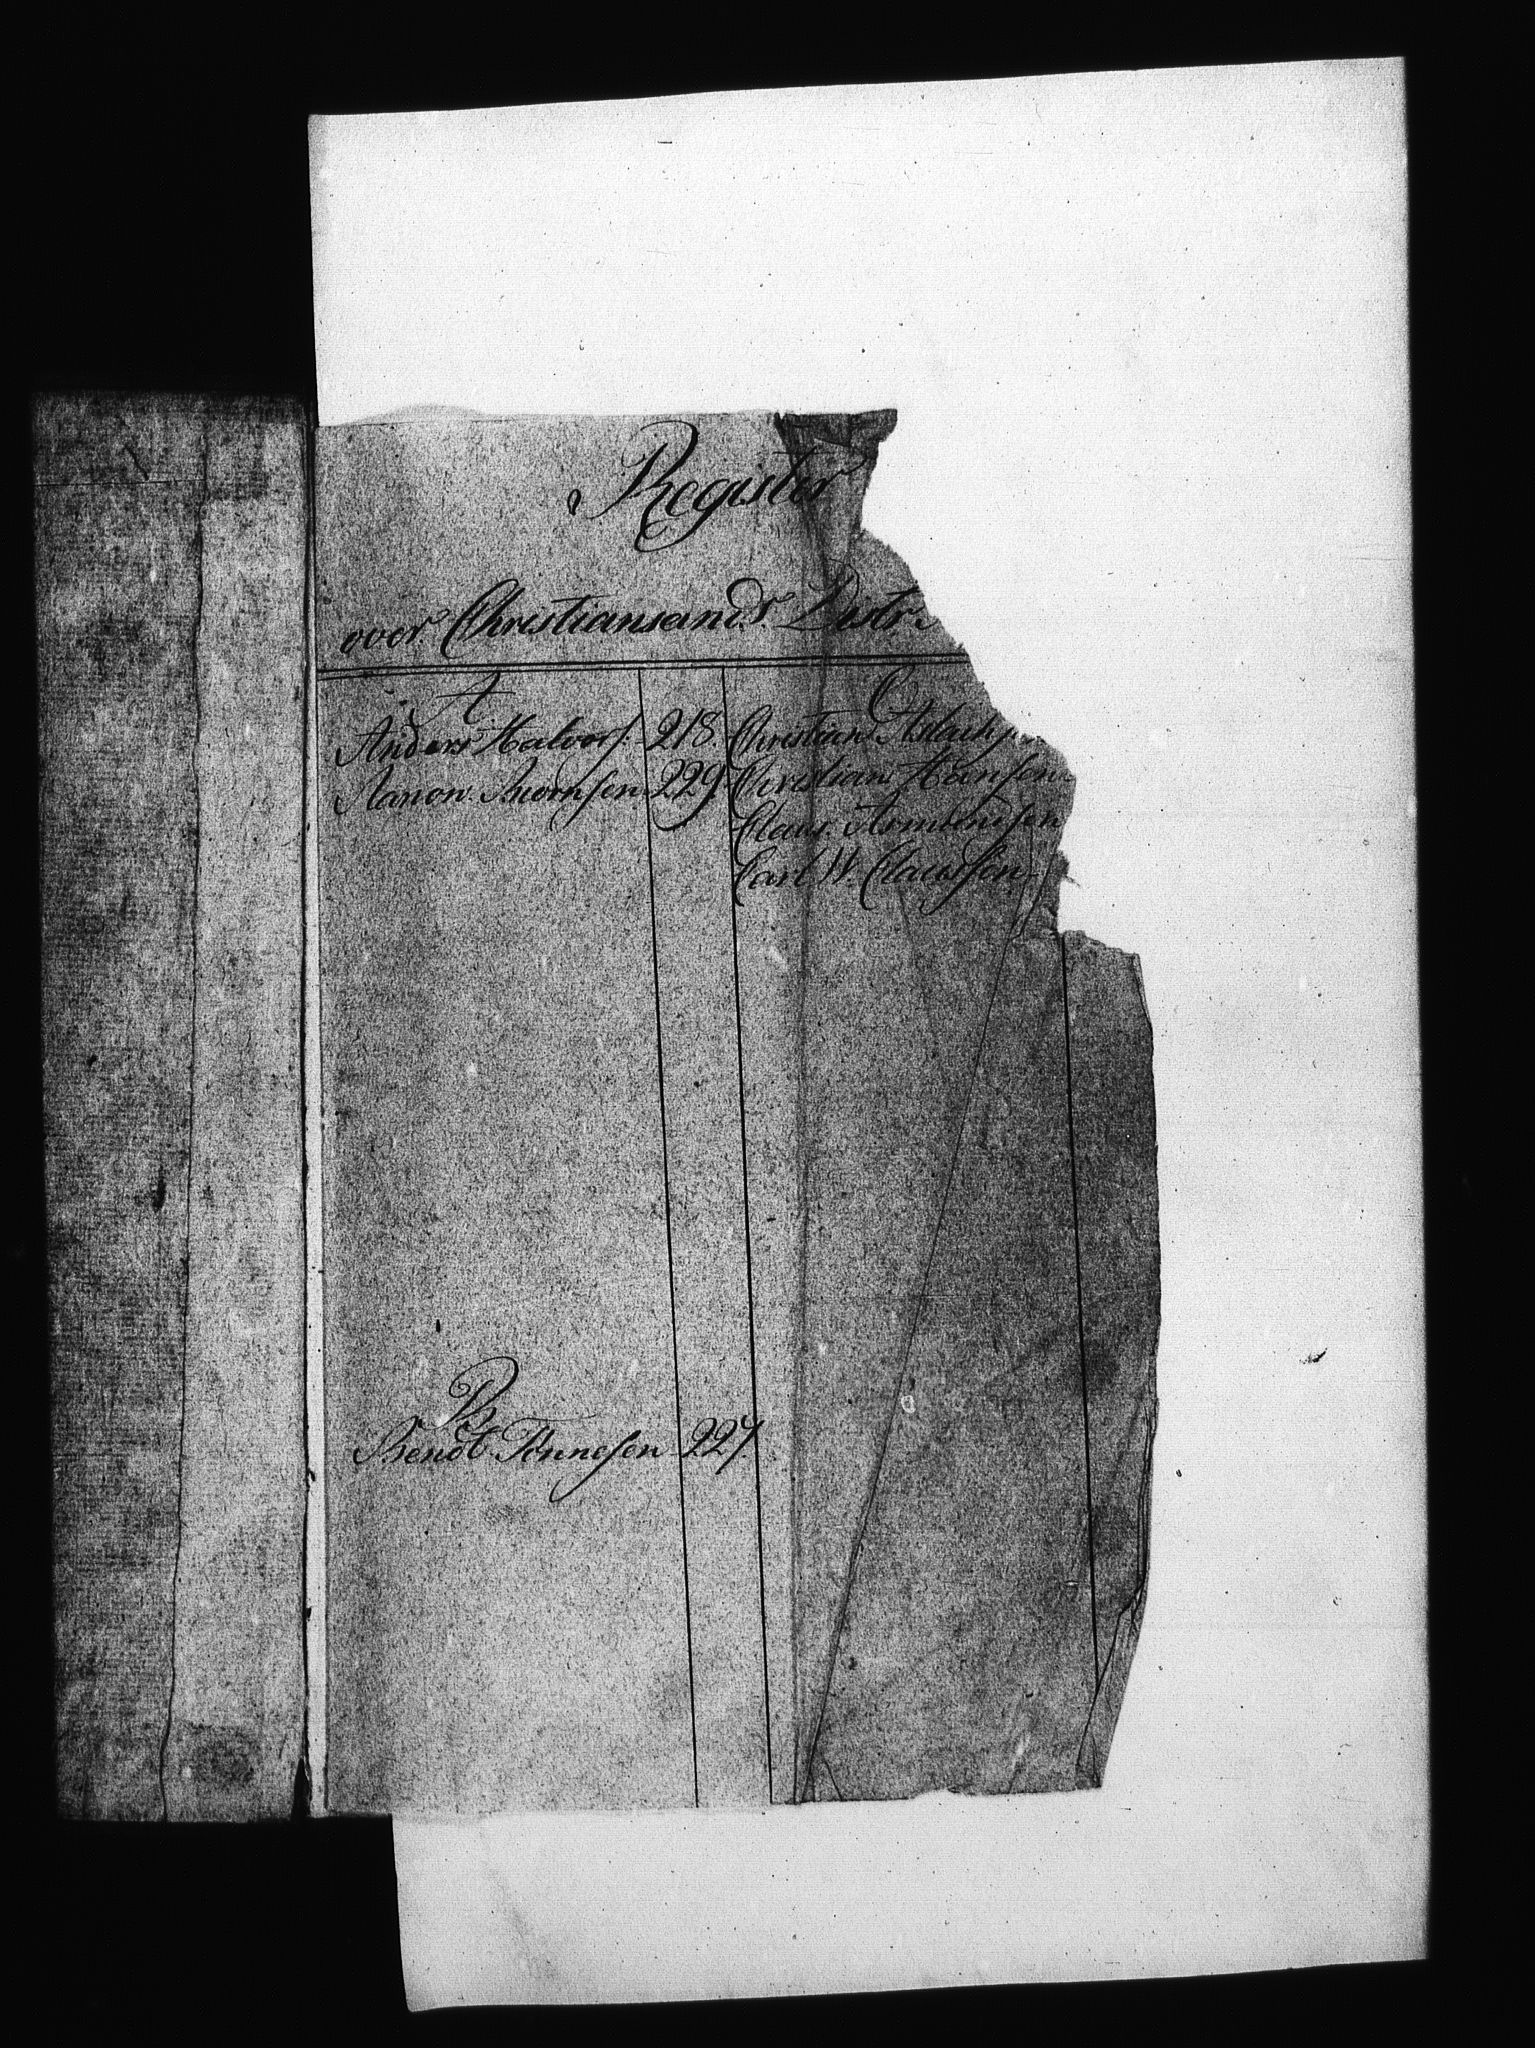 RA, Sjøetaten, F/L0105: Kristiansand limitter, bind 3, 1810